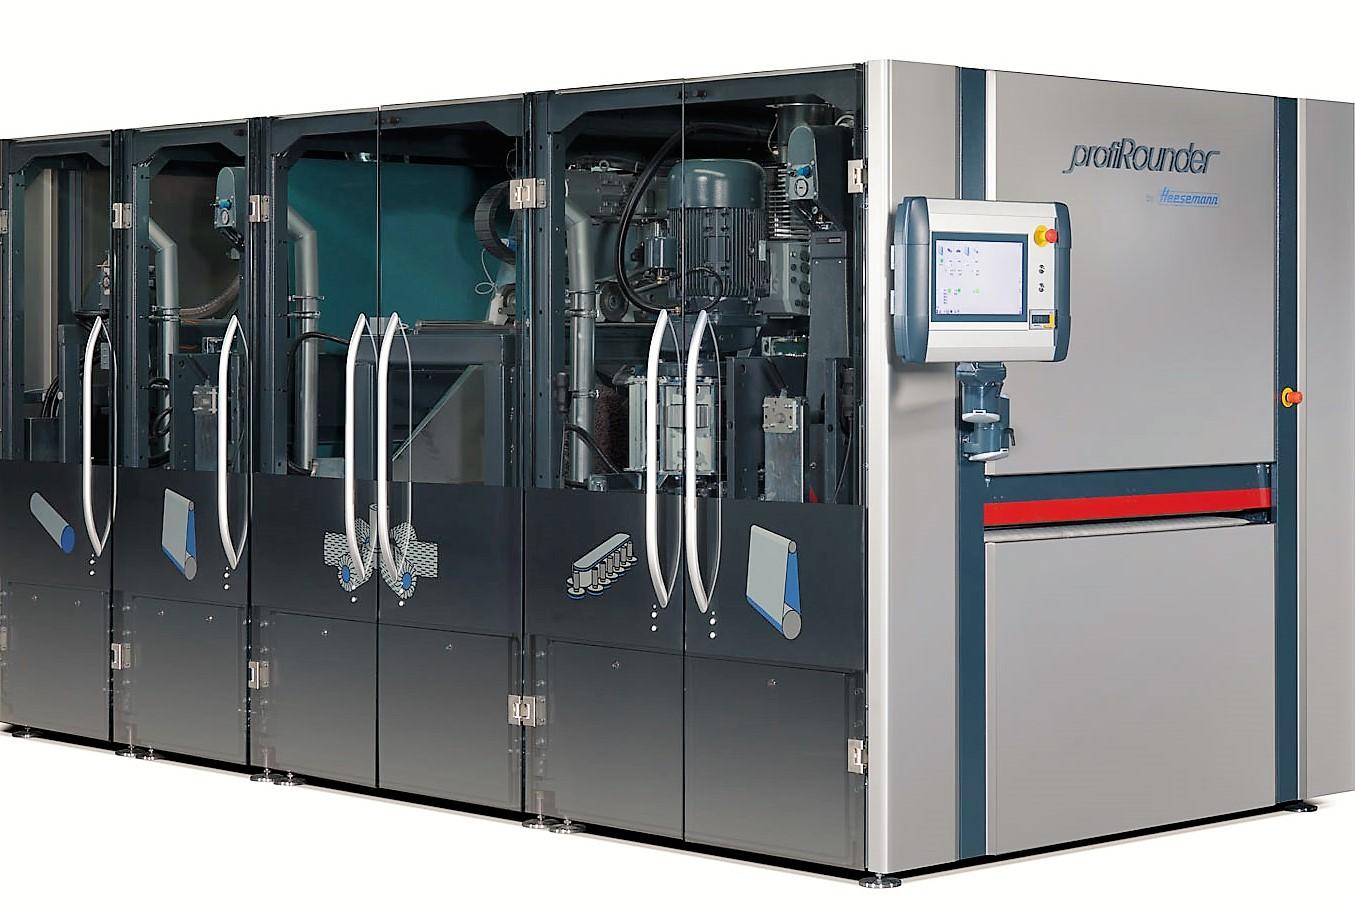 heesemann - Modulair opgebouwde plaatbewerkingsmachines voor het slijpen/schuren, afbramen, kanten breken, oxidehuid en metaalslak verwijderen, en satineren.